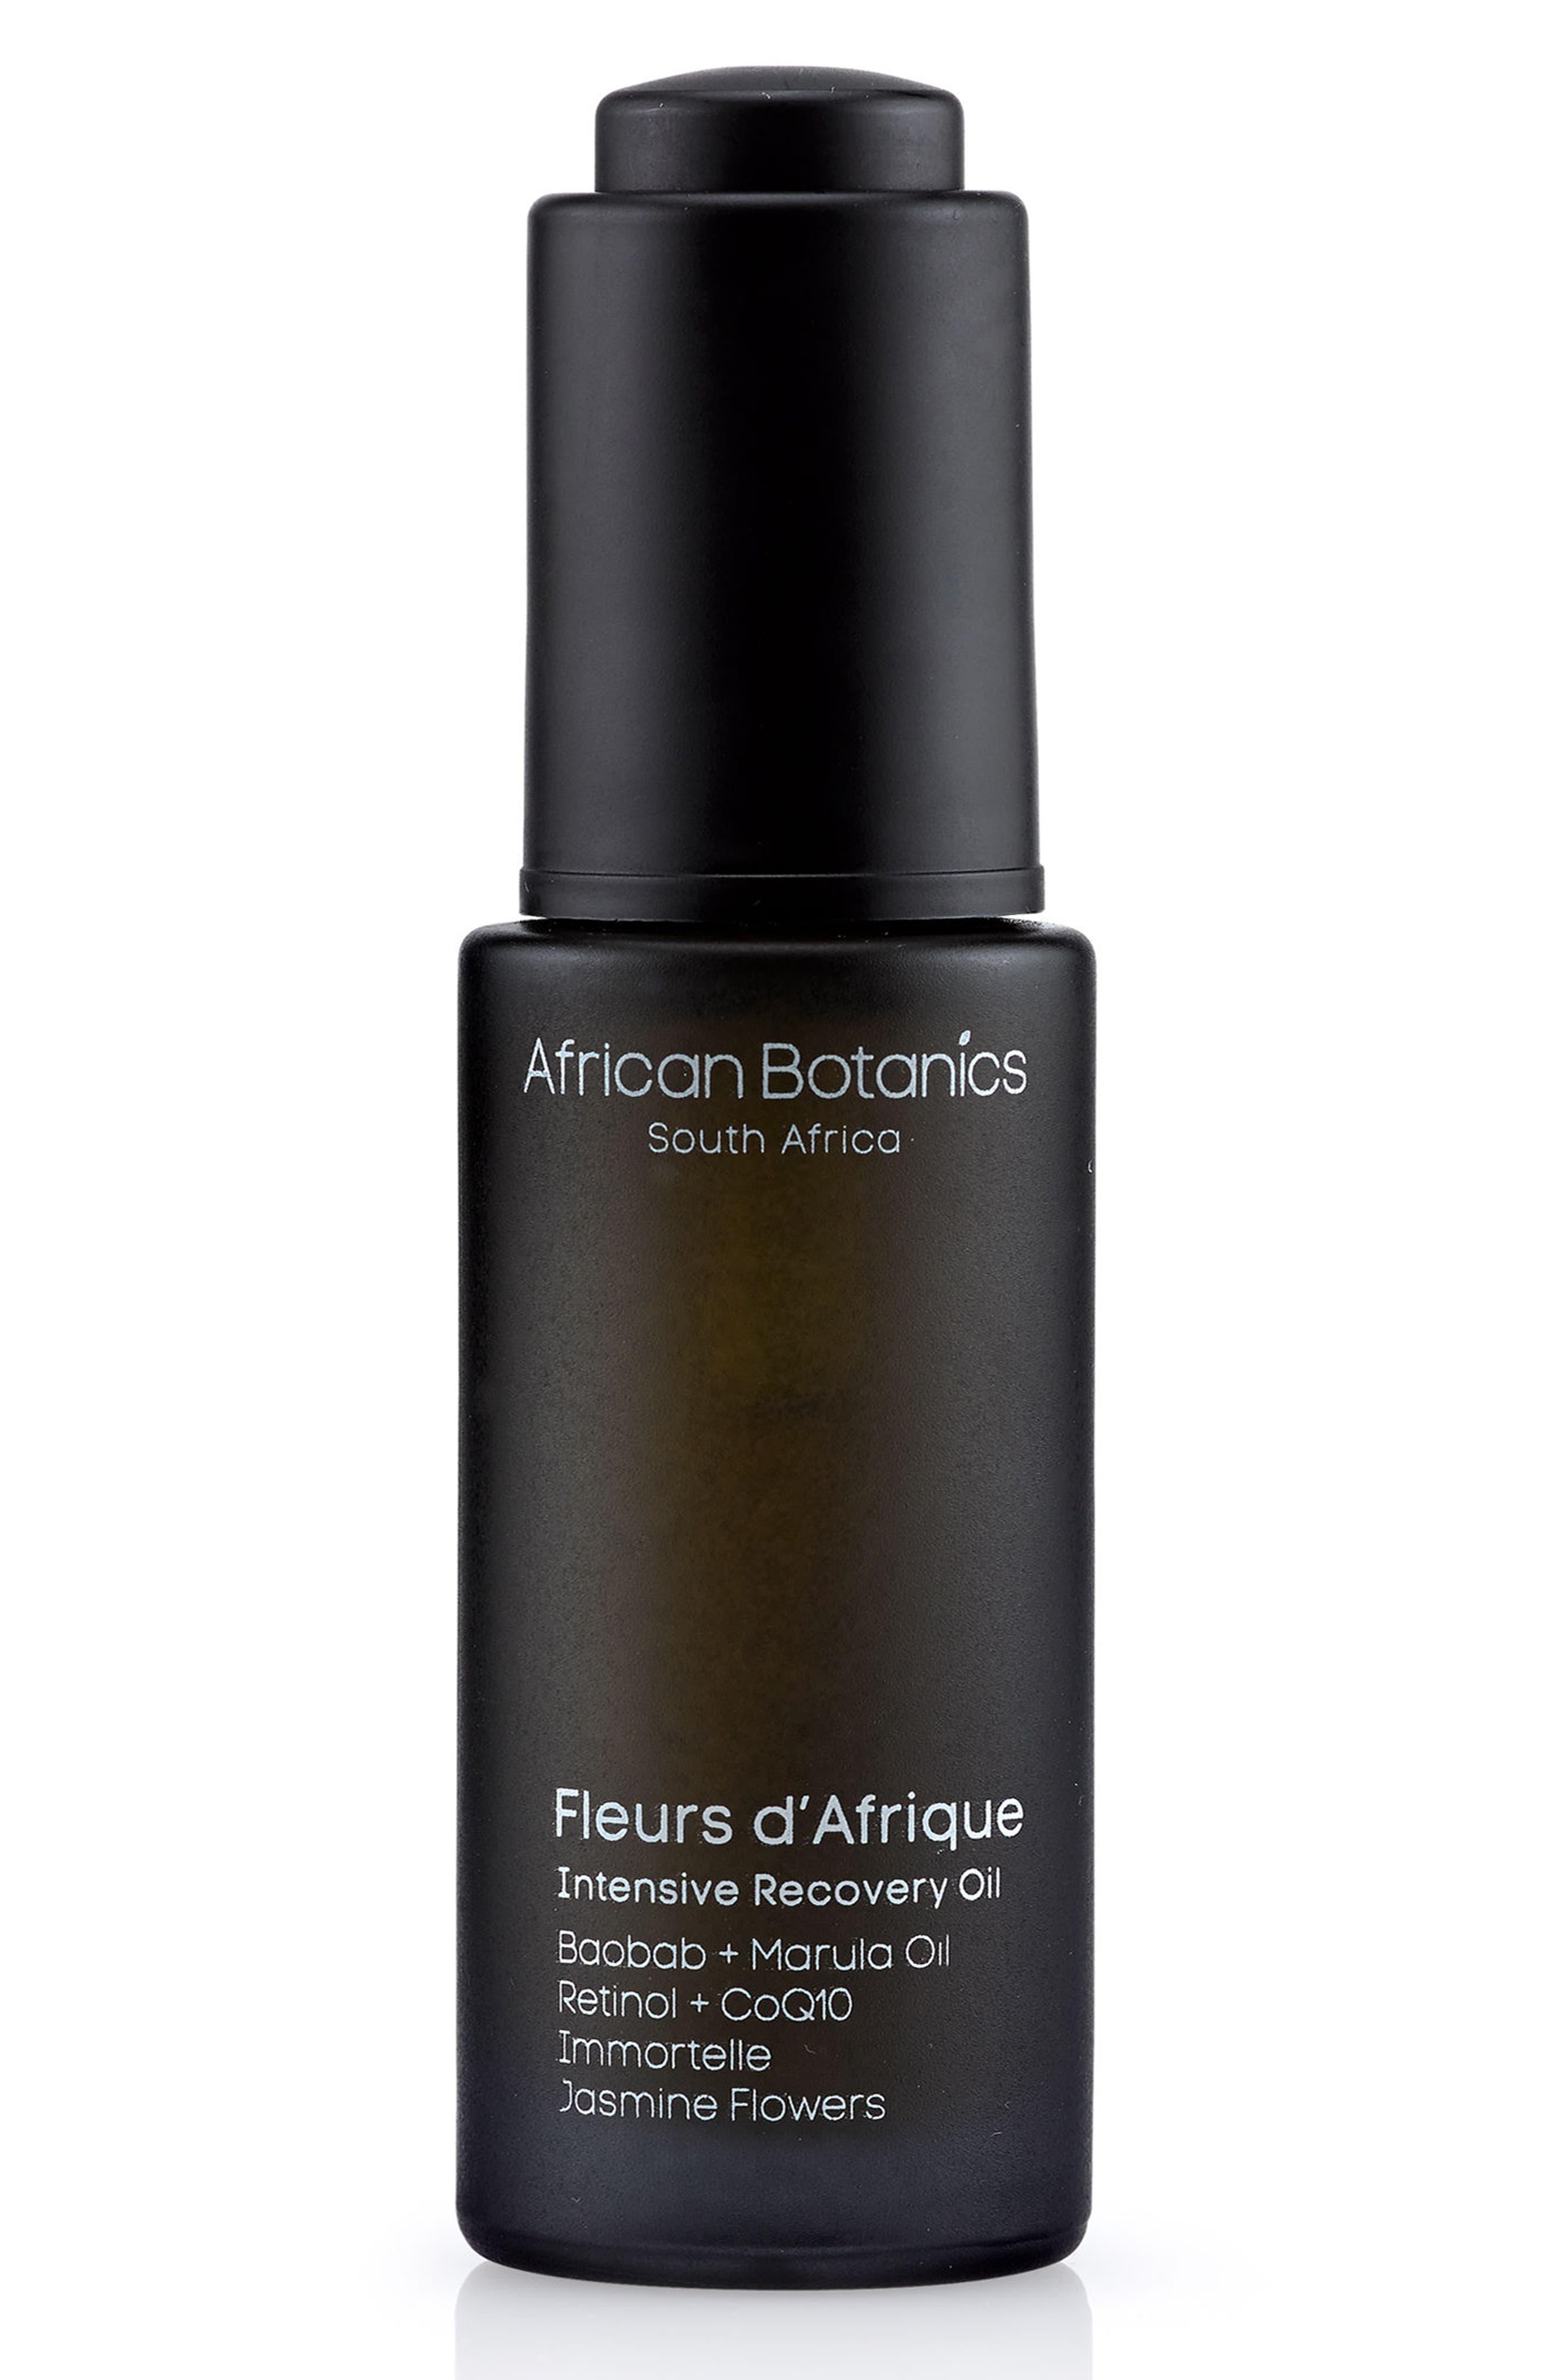 FLEURS D'AFRIQUE INTENSIVE RECOVERY OIL